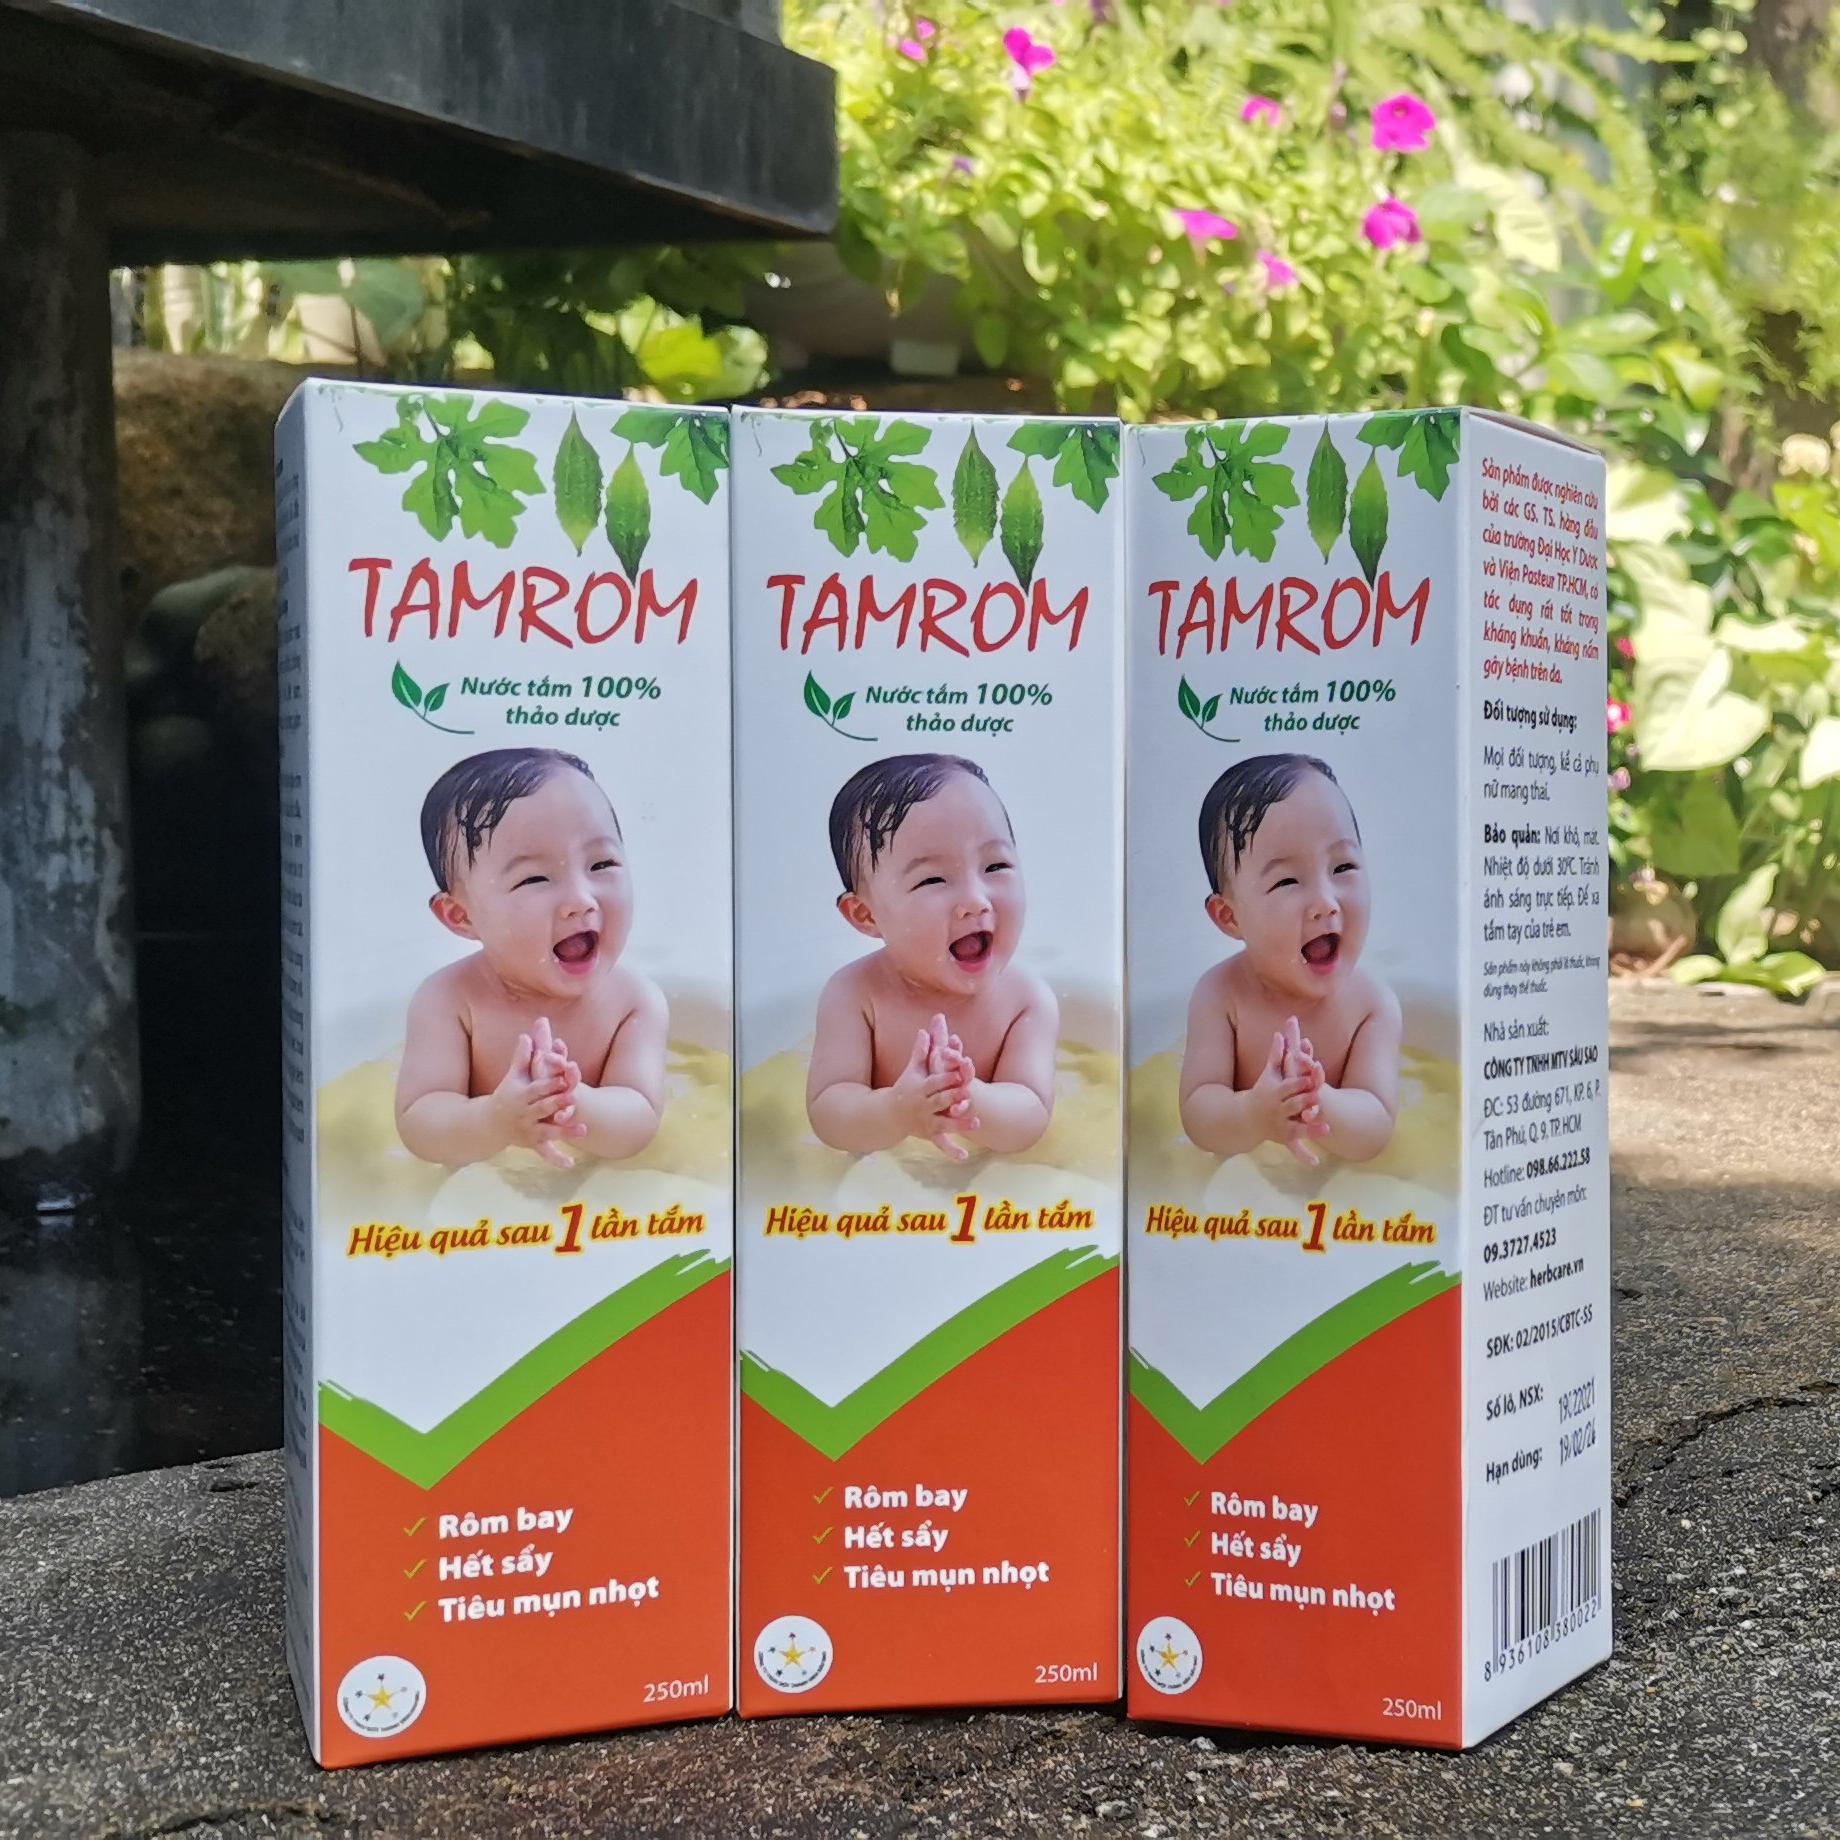 Combo 5 hộp nước tắm thảo dược trị rôm sảy Tamrom